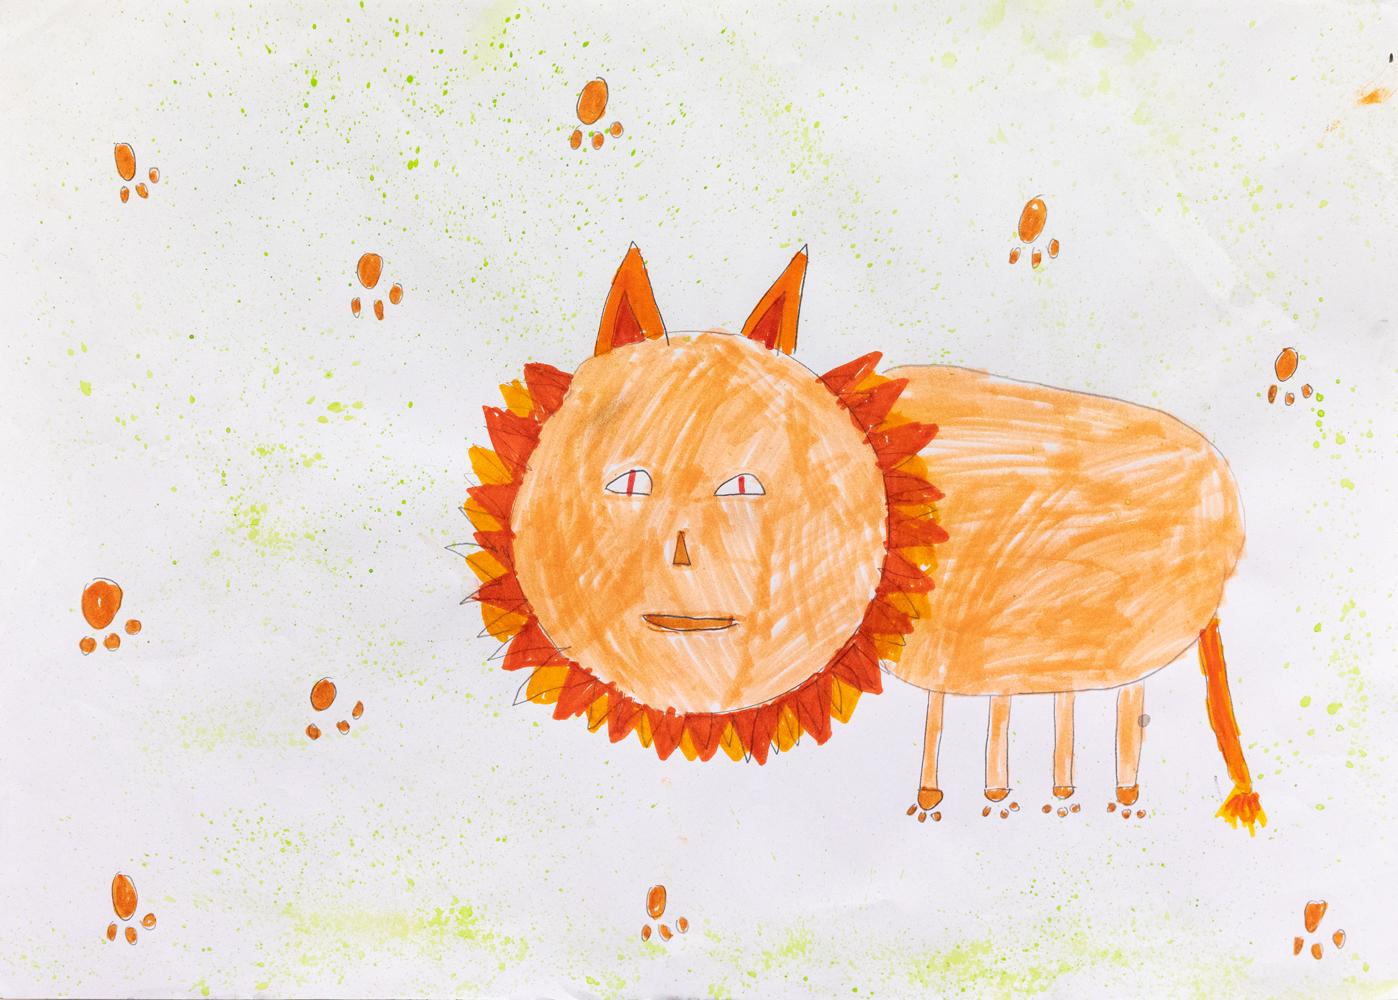 15. Abbey Roberts, 'The lion picture', texta, paint, Year 3, Dorrigo Public School